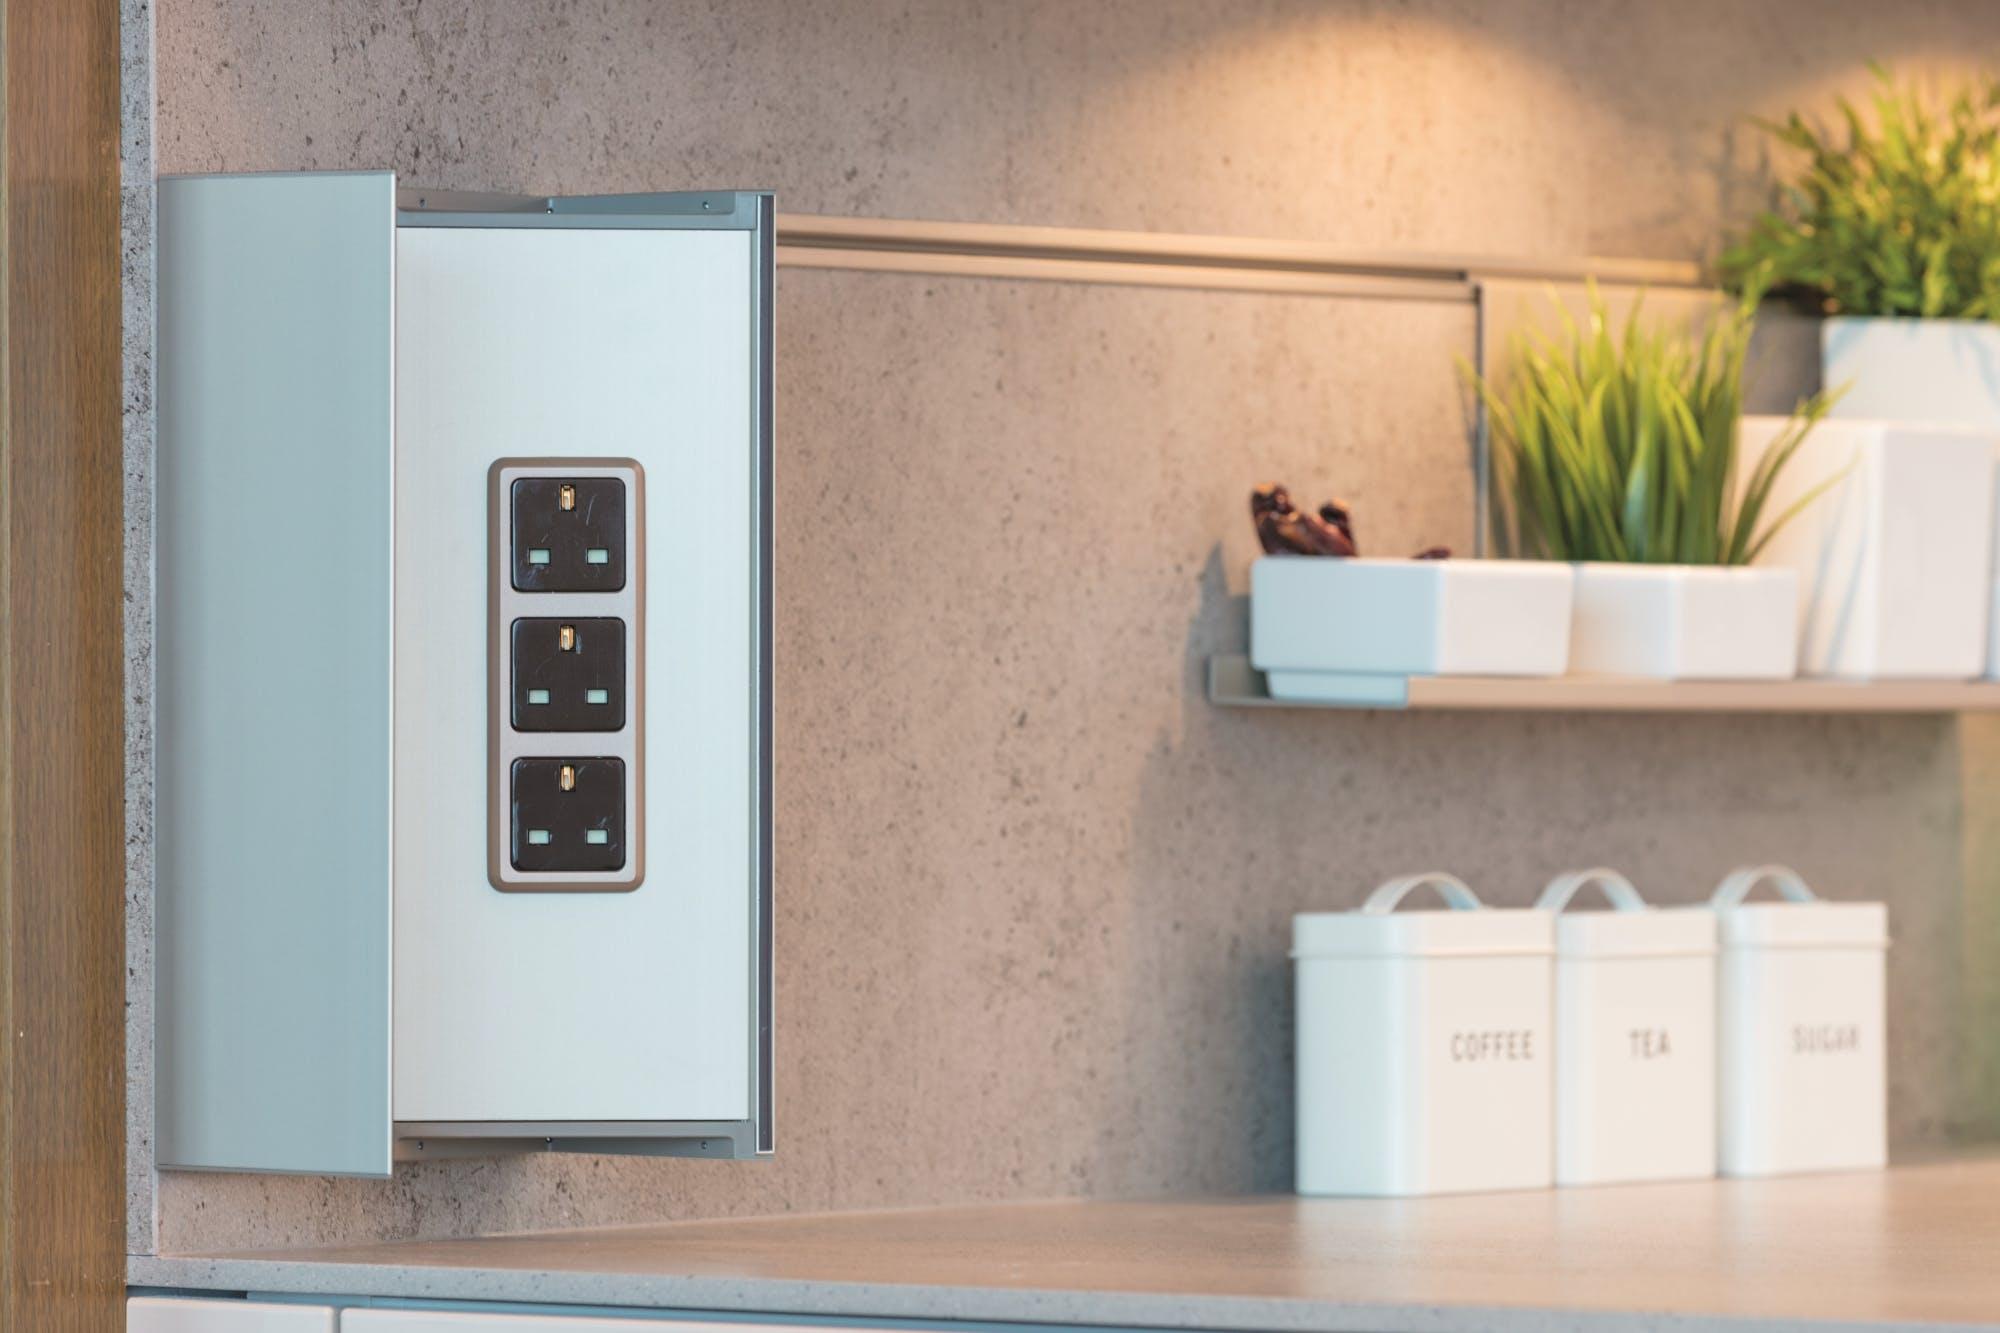 Image of MHfinal in La cocina futurista de Oliver Goettling: diseño y funcionalidad en un espacio mínimo - Cosentino